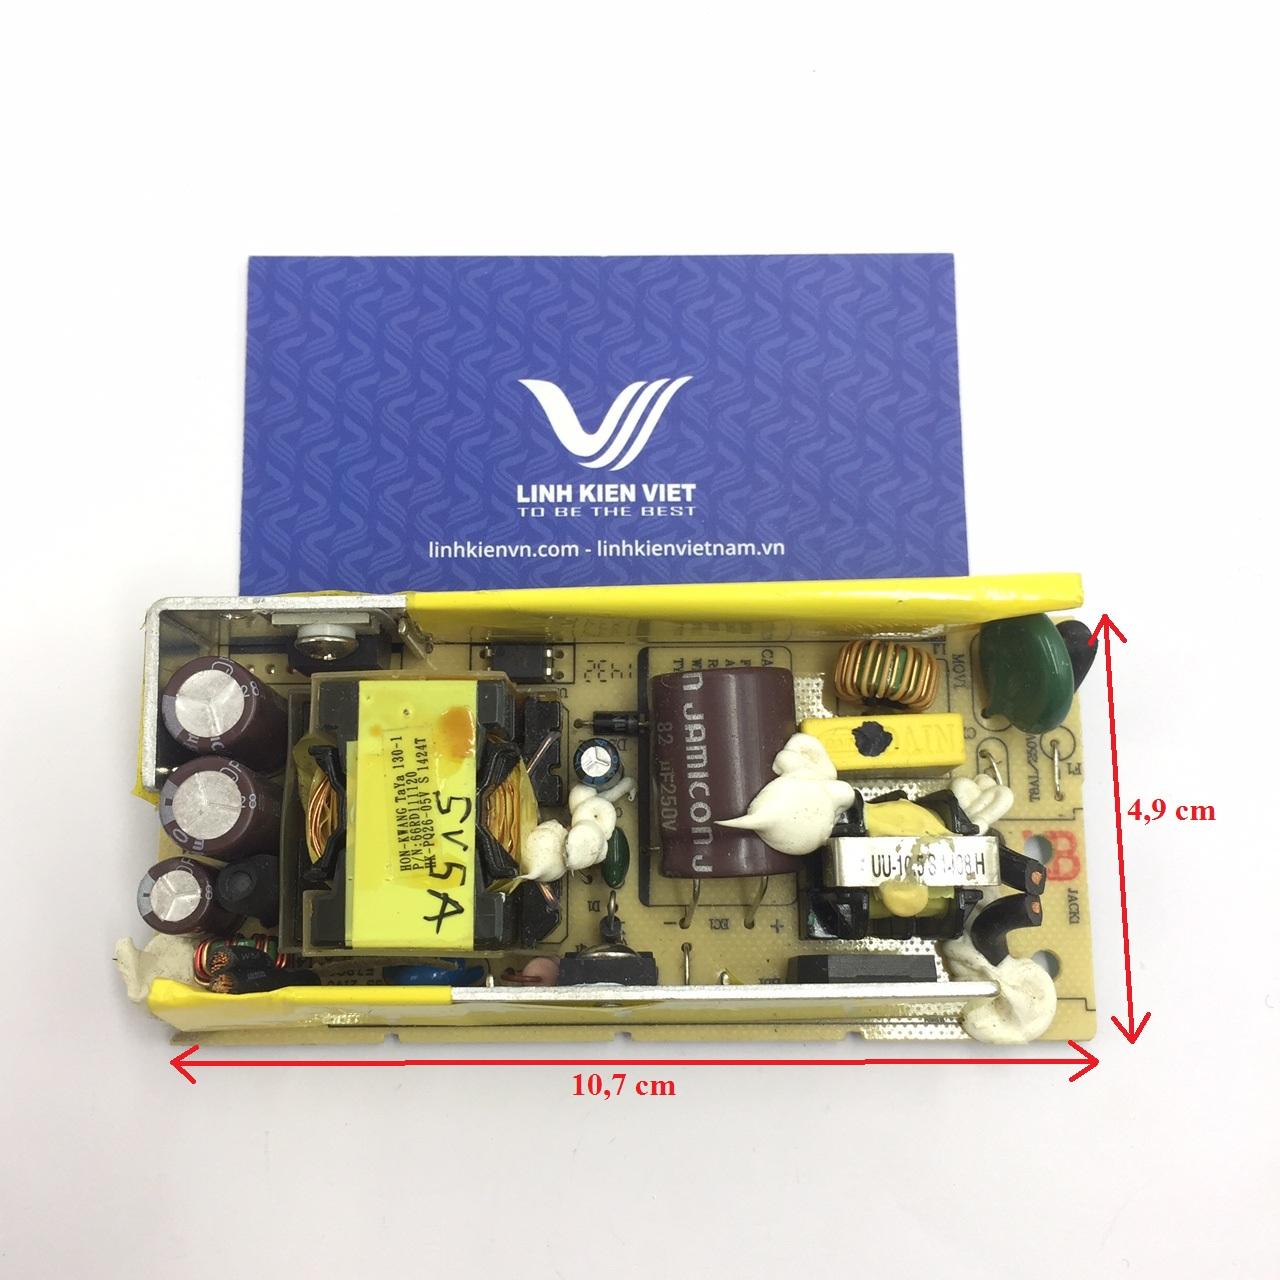 Nguồn adapter 5V 5A không vỏ (hàng tháo máy)